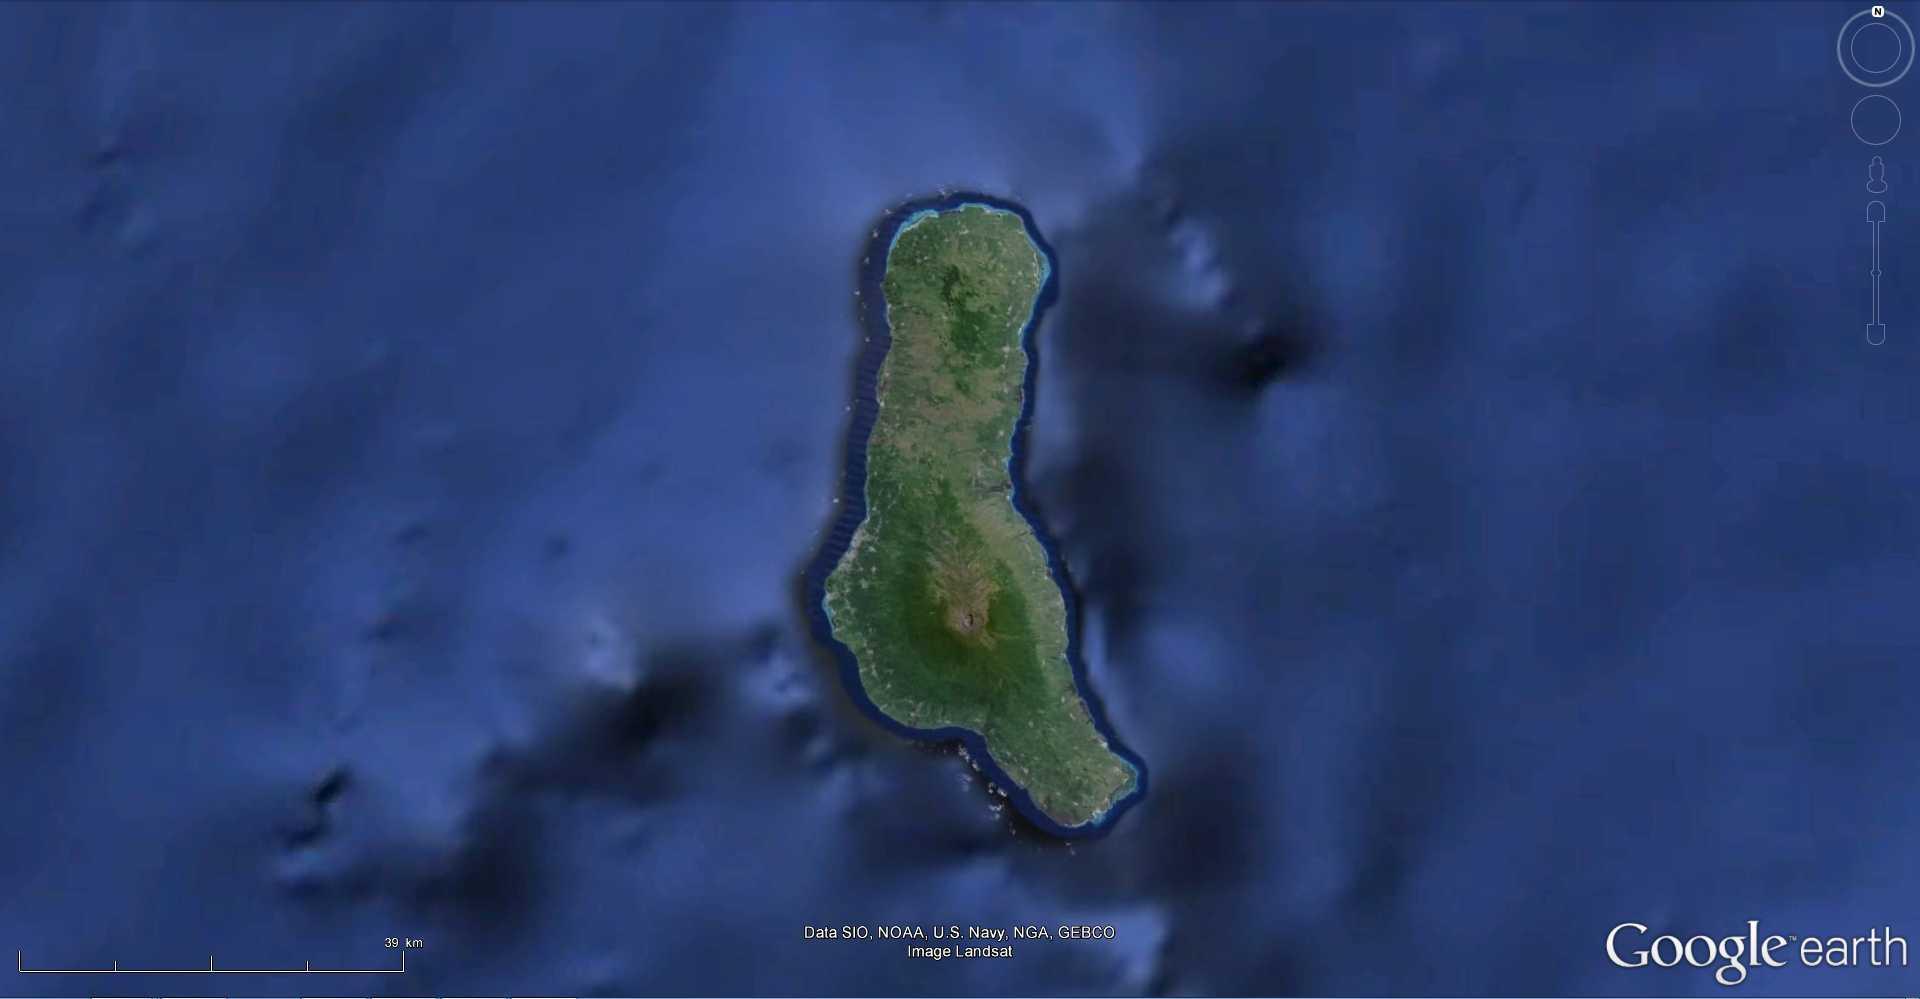 Les dessous de Google Earth avec le volcan Karthala - Comores 2014-098